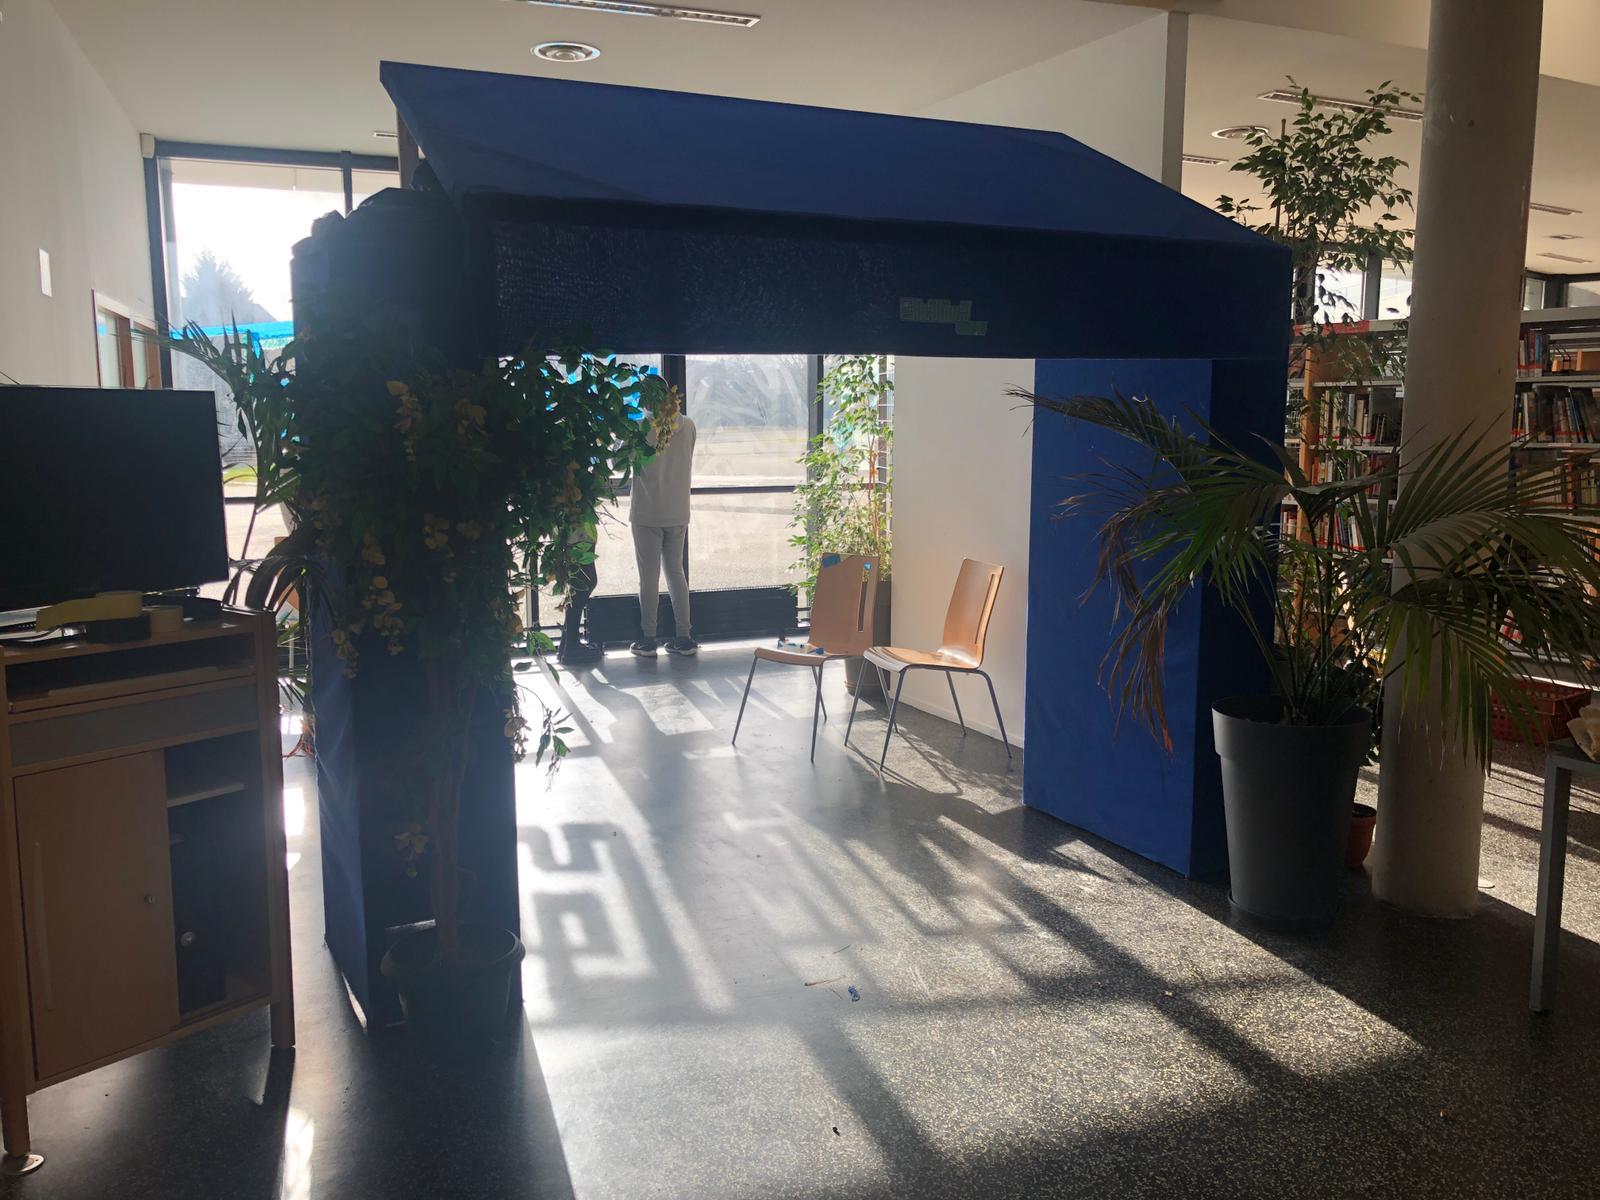 Montage de l'exposition «Le Café Siana» au Lycée Jacques Prévert, Combs-la-Ville dans le cadre d'un projet CREAC